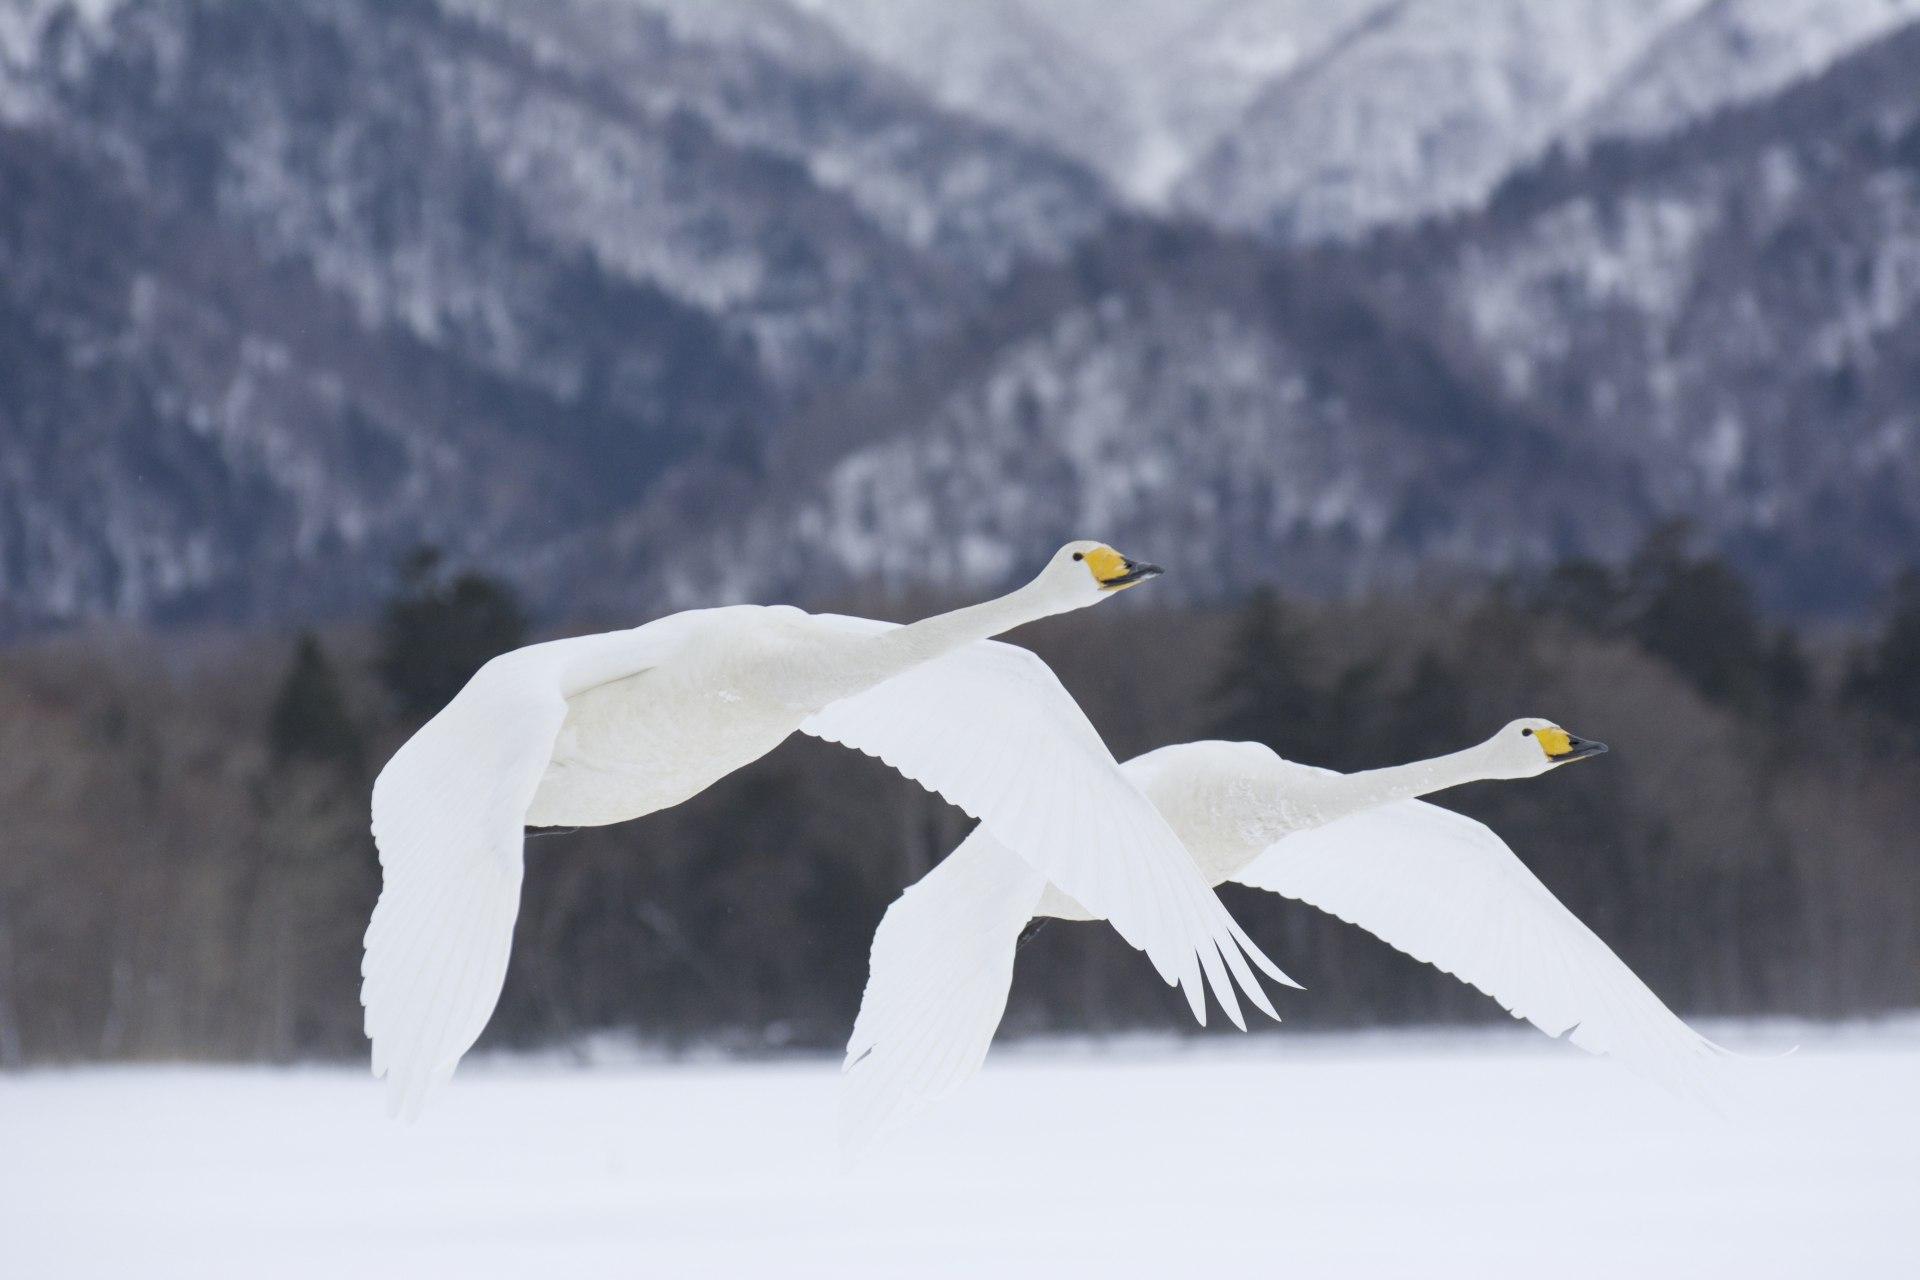 Wingmen by Florian Nohring